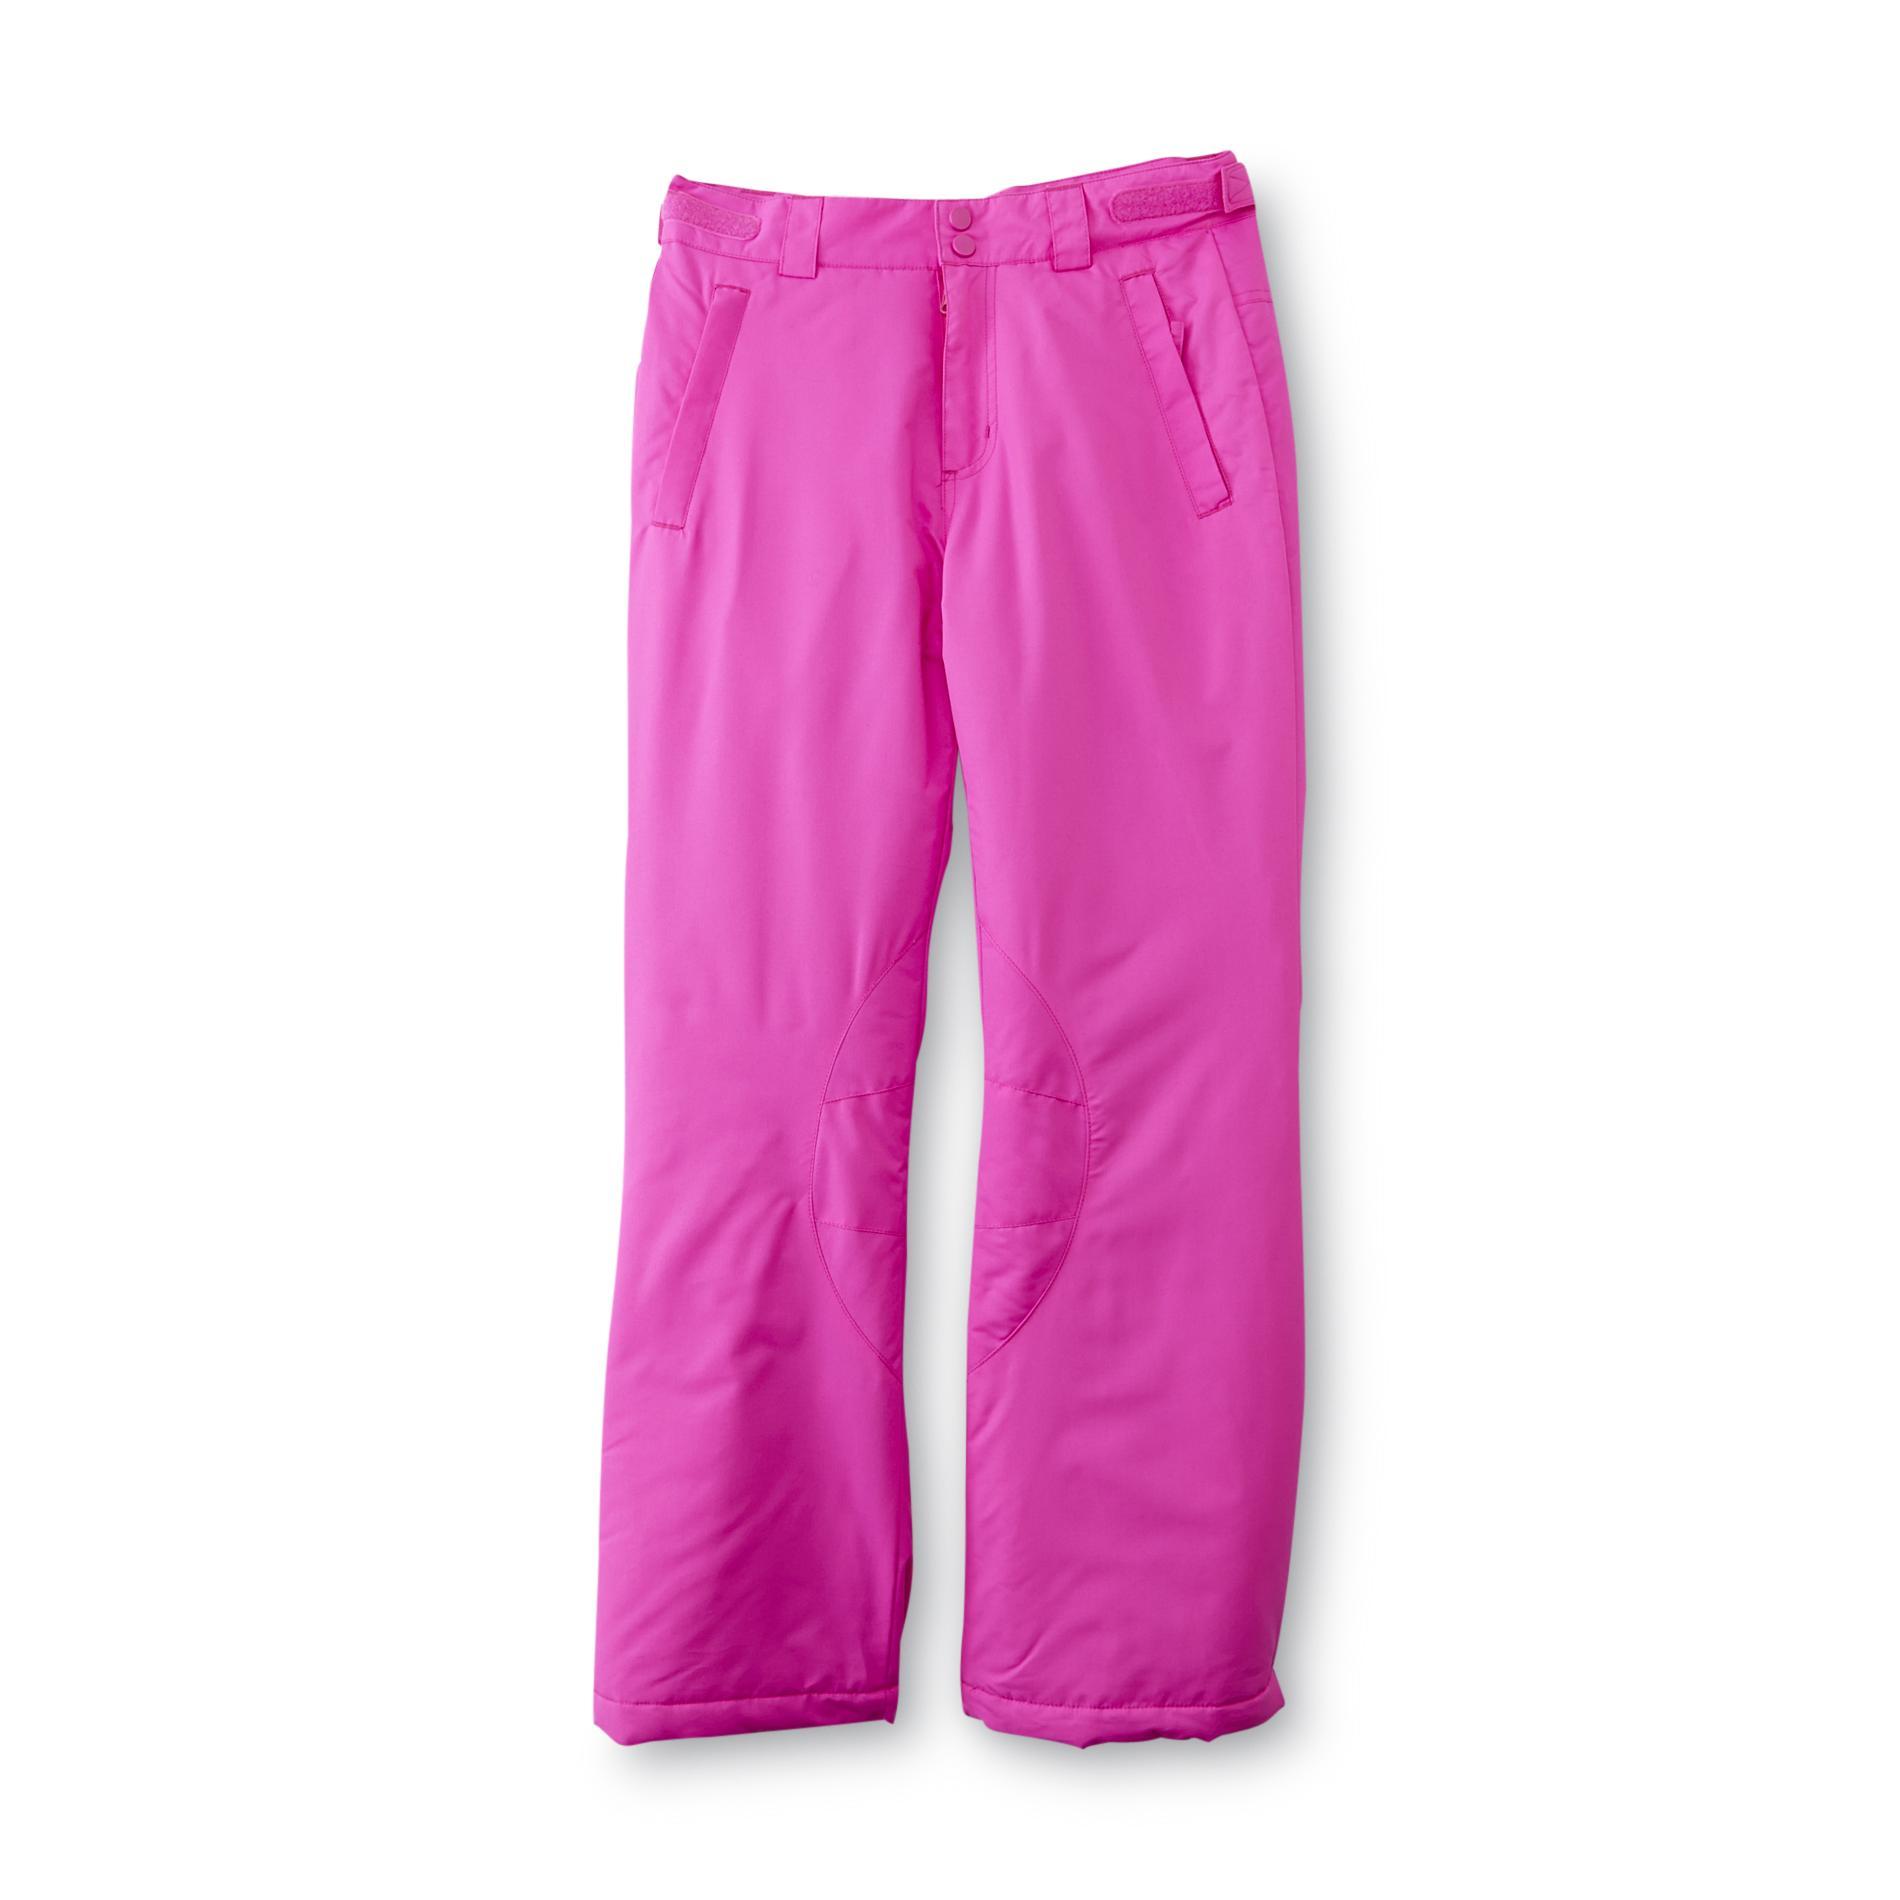 Athletech Girl's Ski Pants